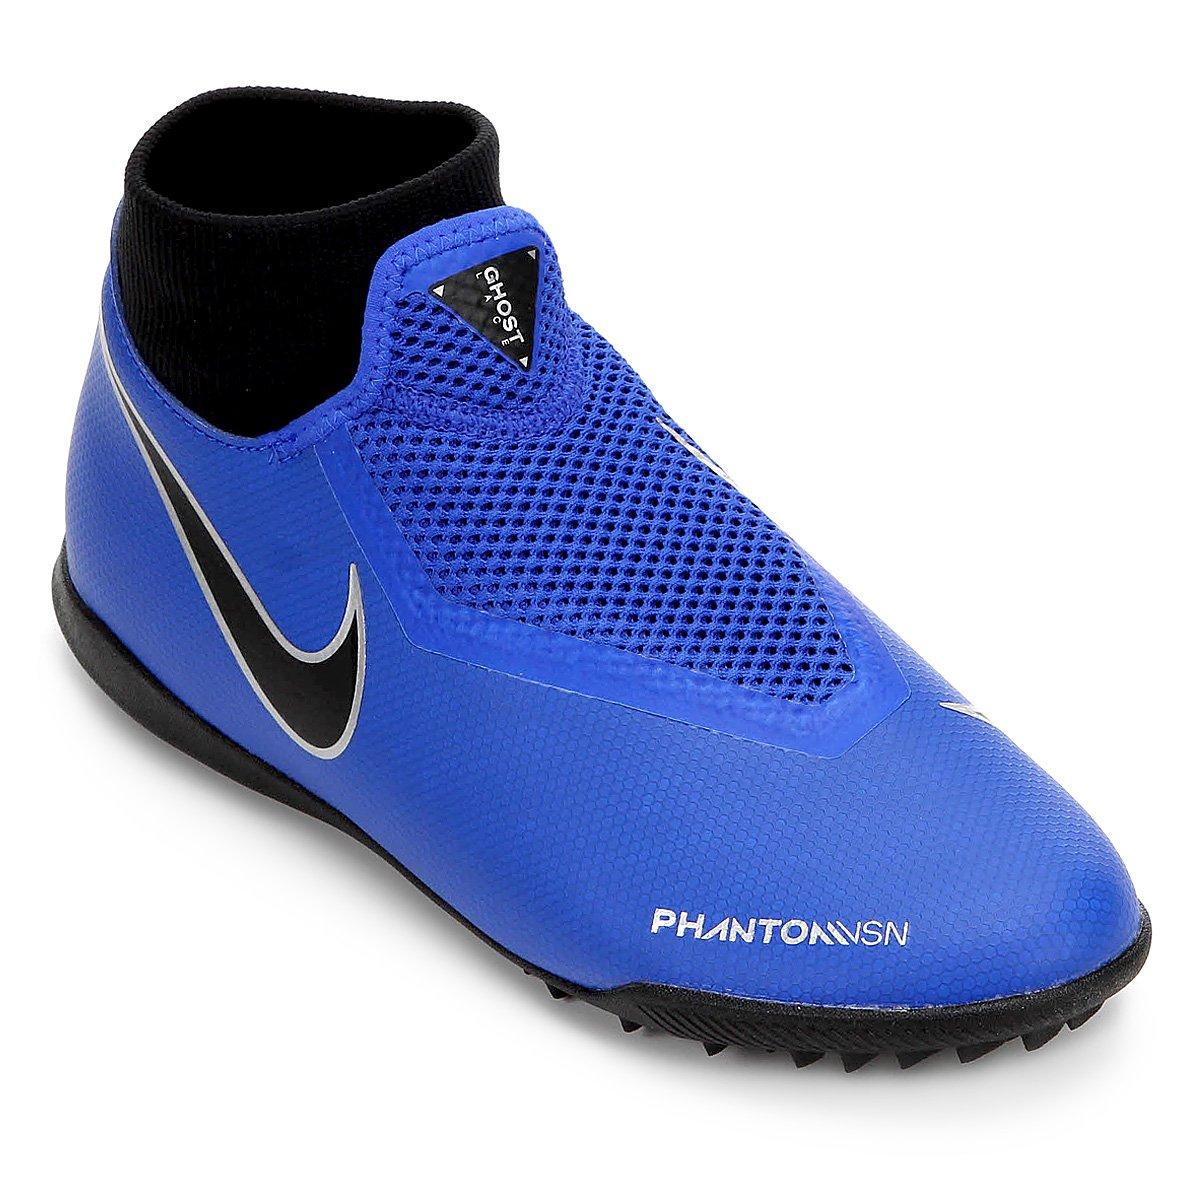 Chuteira Society Nike Phantom Vision Academy DF TF - Azul e Preto - Compre  Agora  5ac8ac61b181a